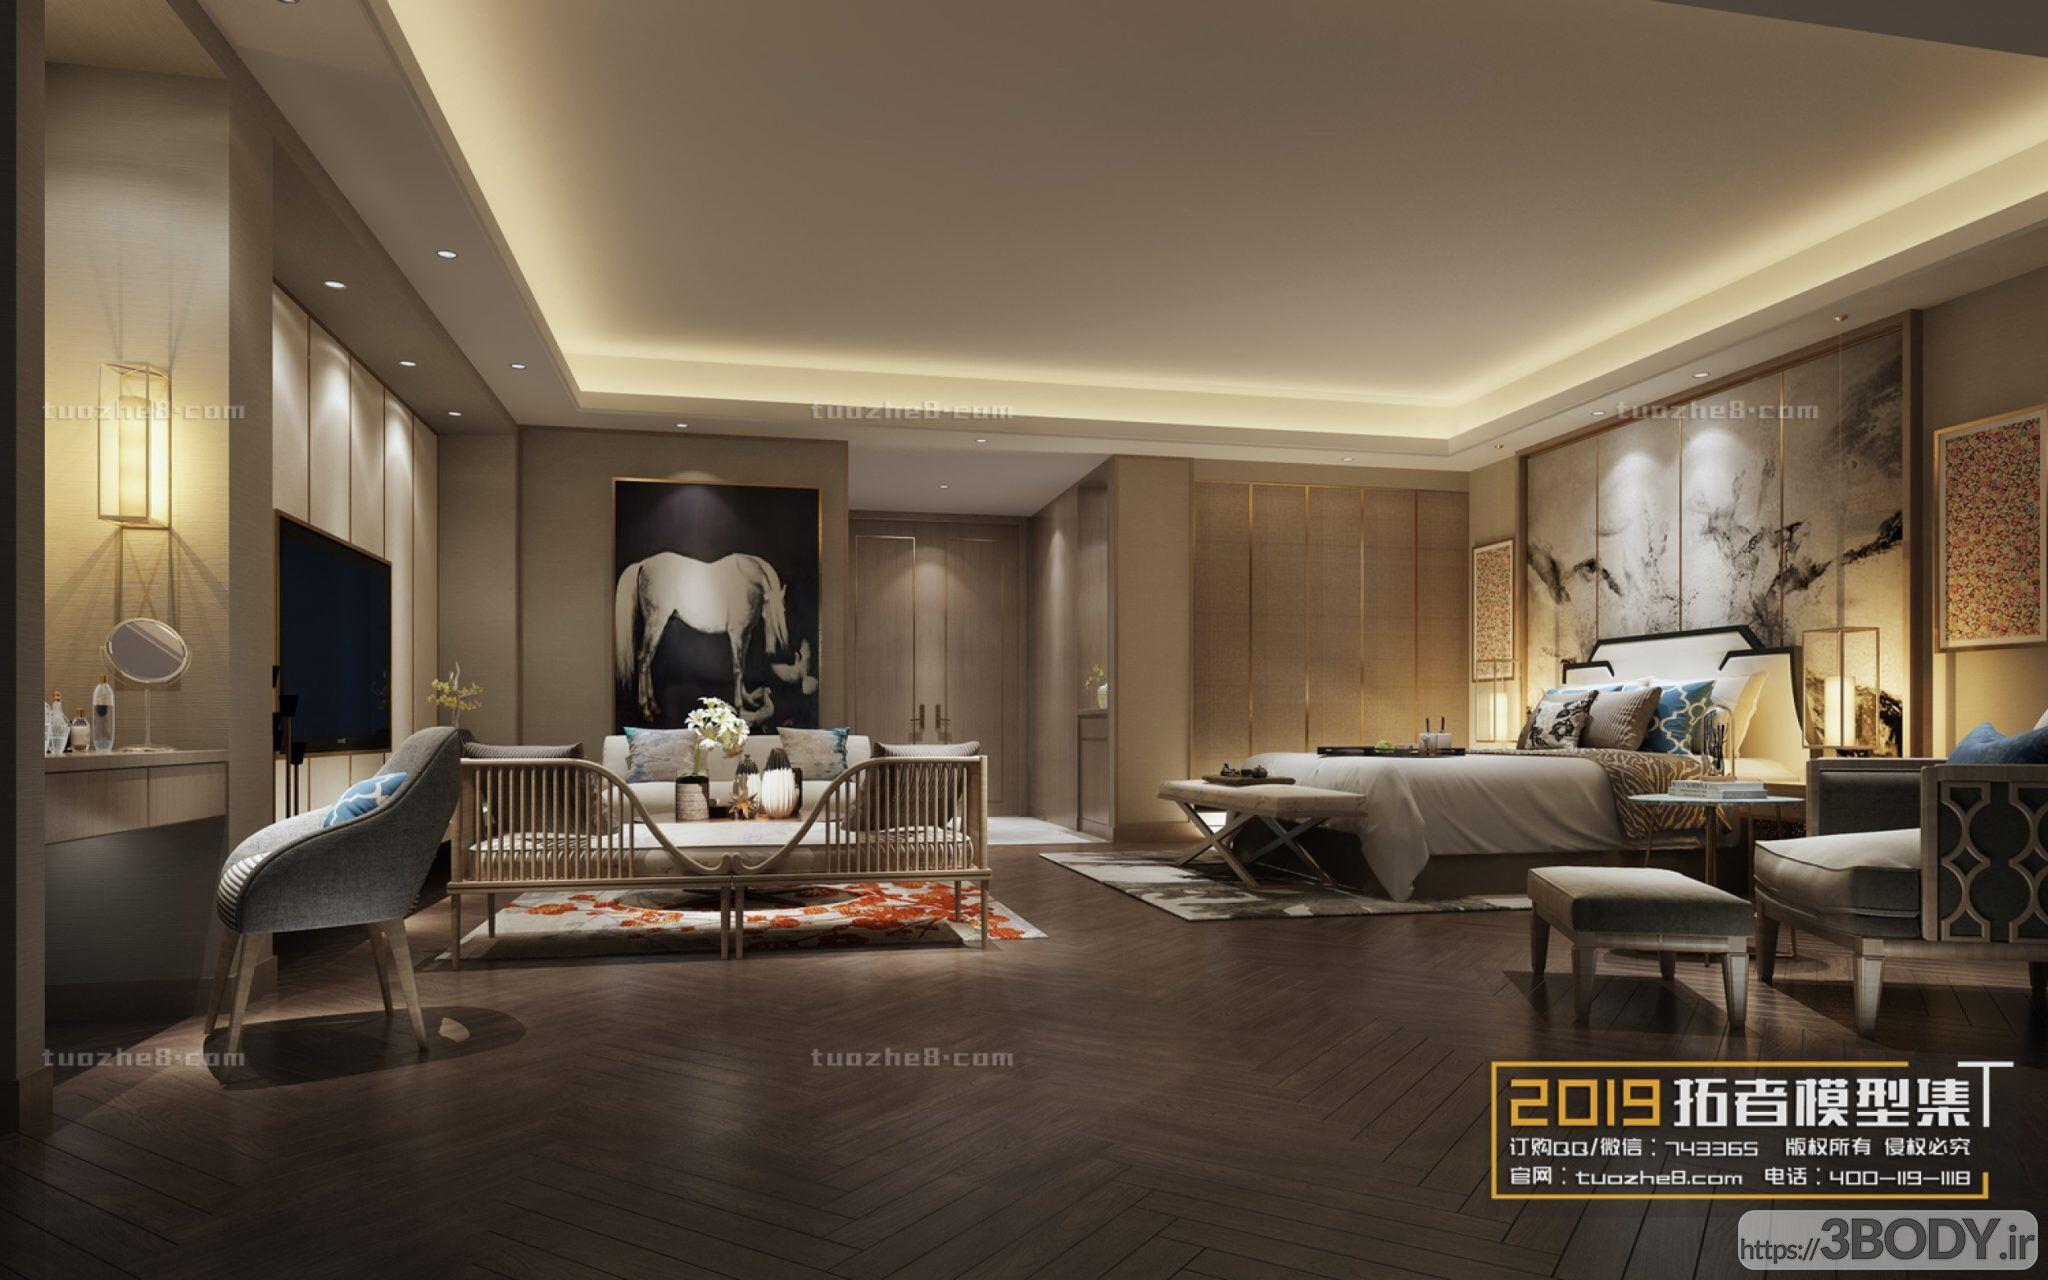 صحنه اتاق خواب به سبک چینی عکس 1